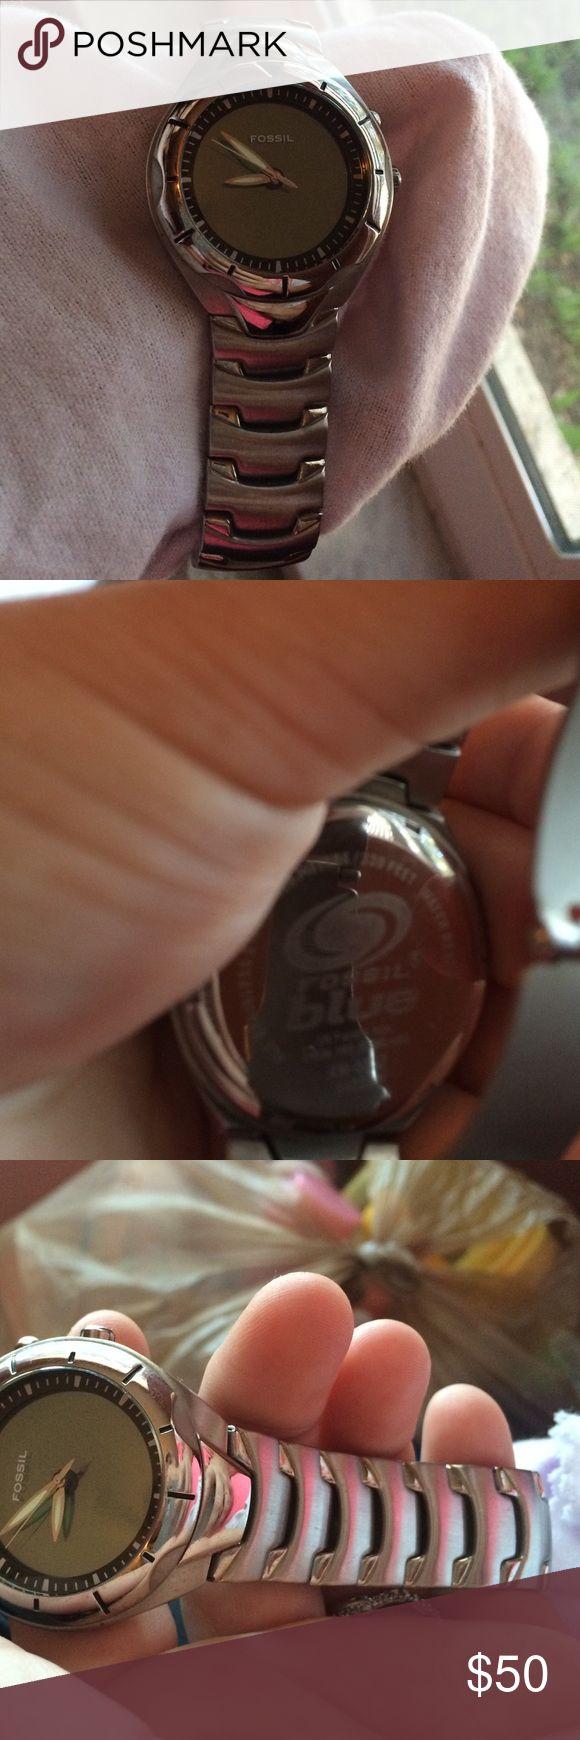 Sexxy wristwatch you jerk off